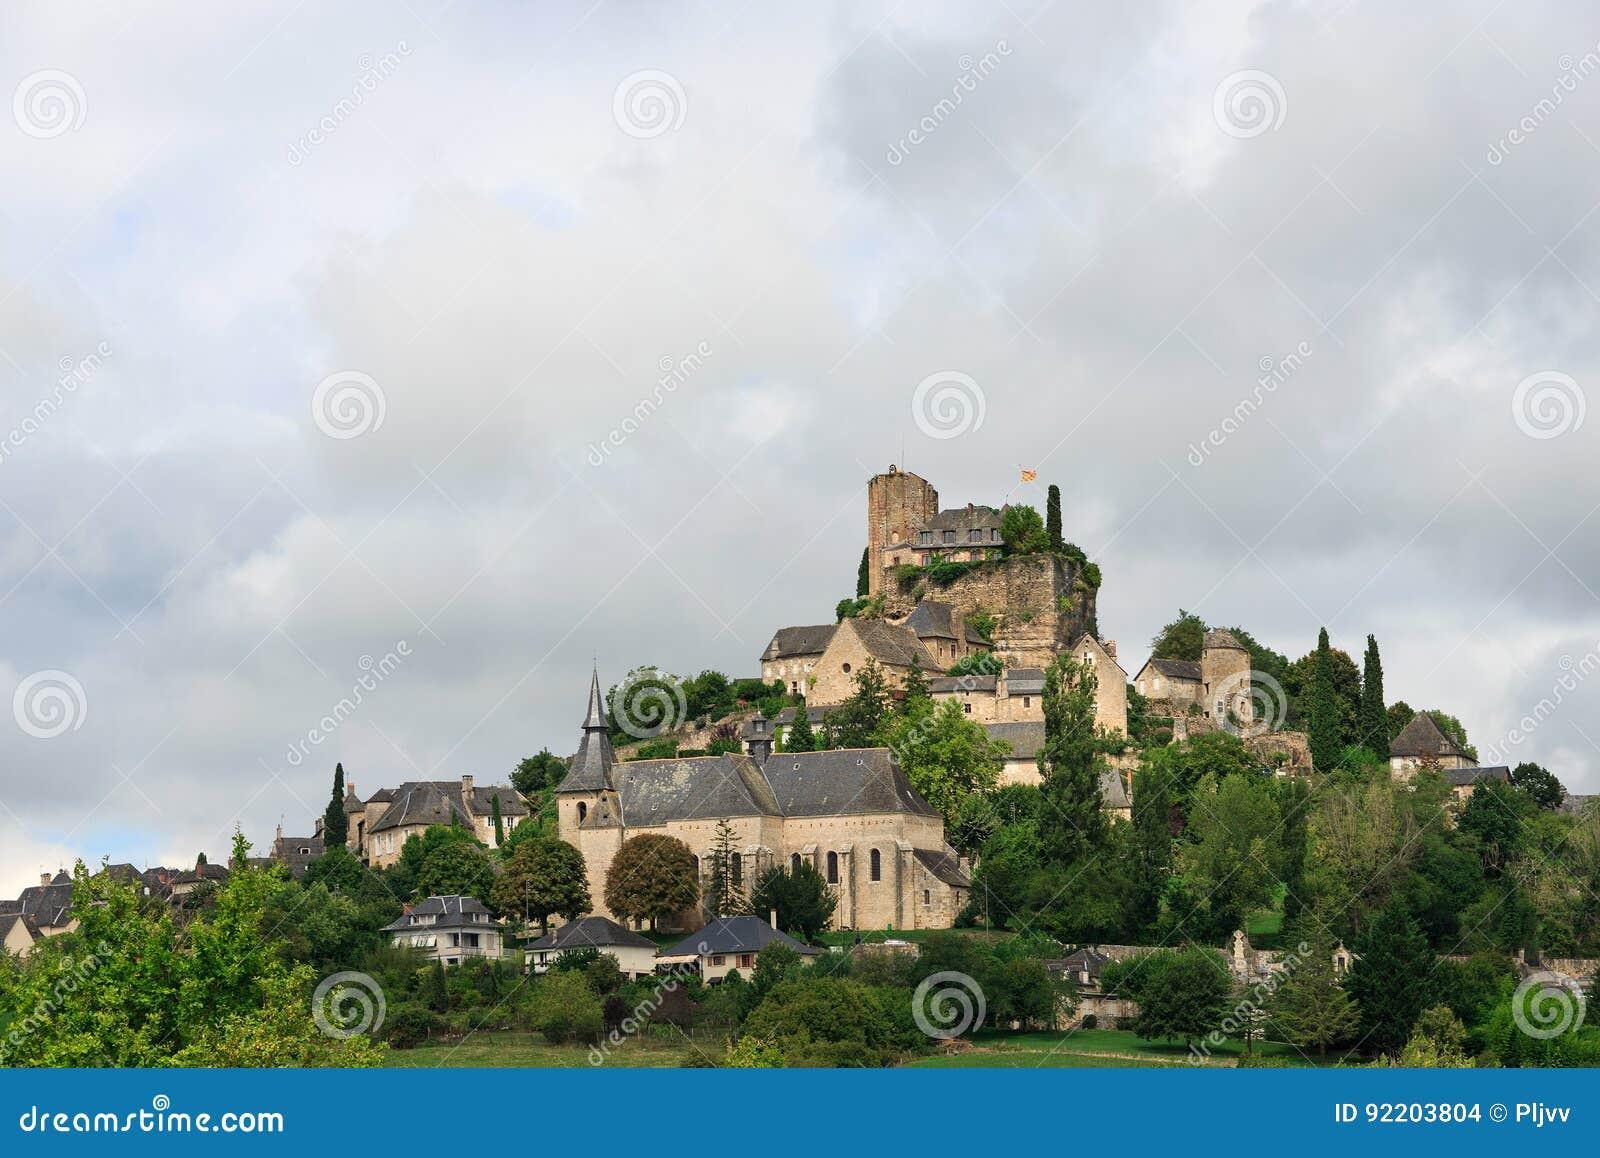 Medeltida slott och stad av Turenne, Frankrike